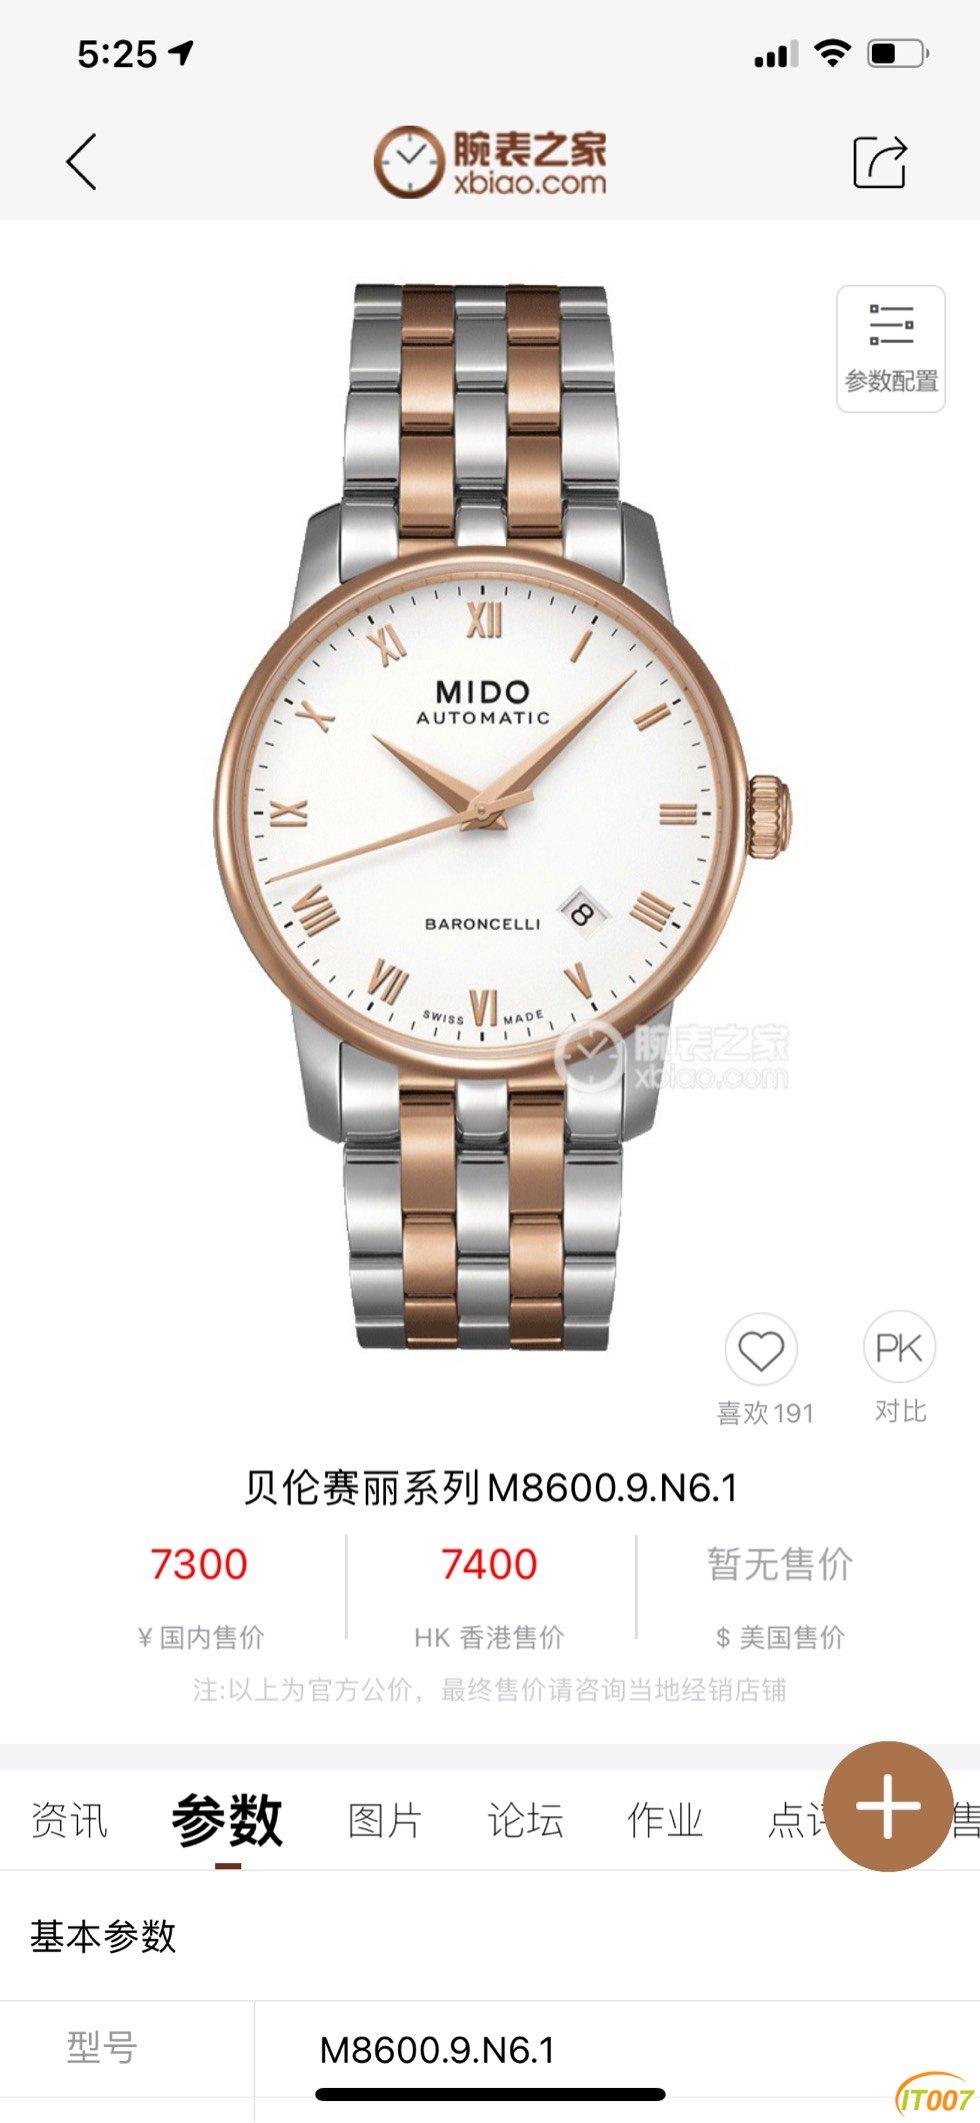 小周先生,美度机械表,贝伦赛丽间金手表